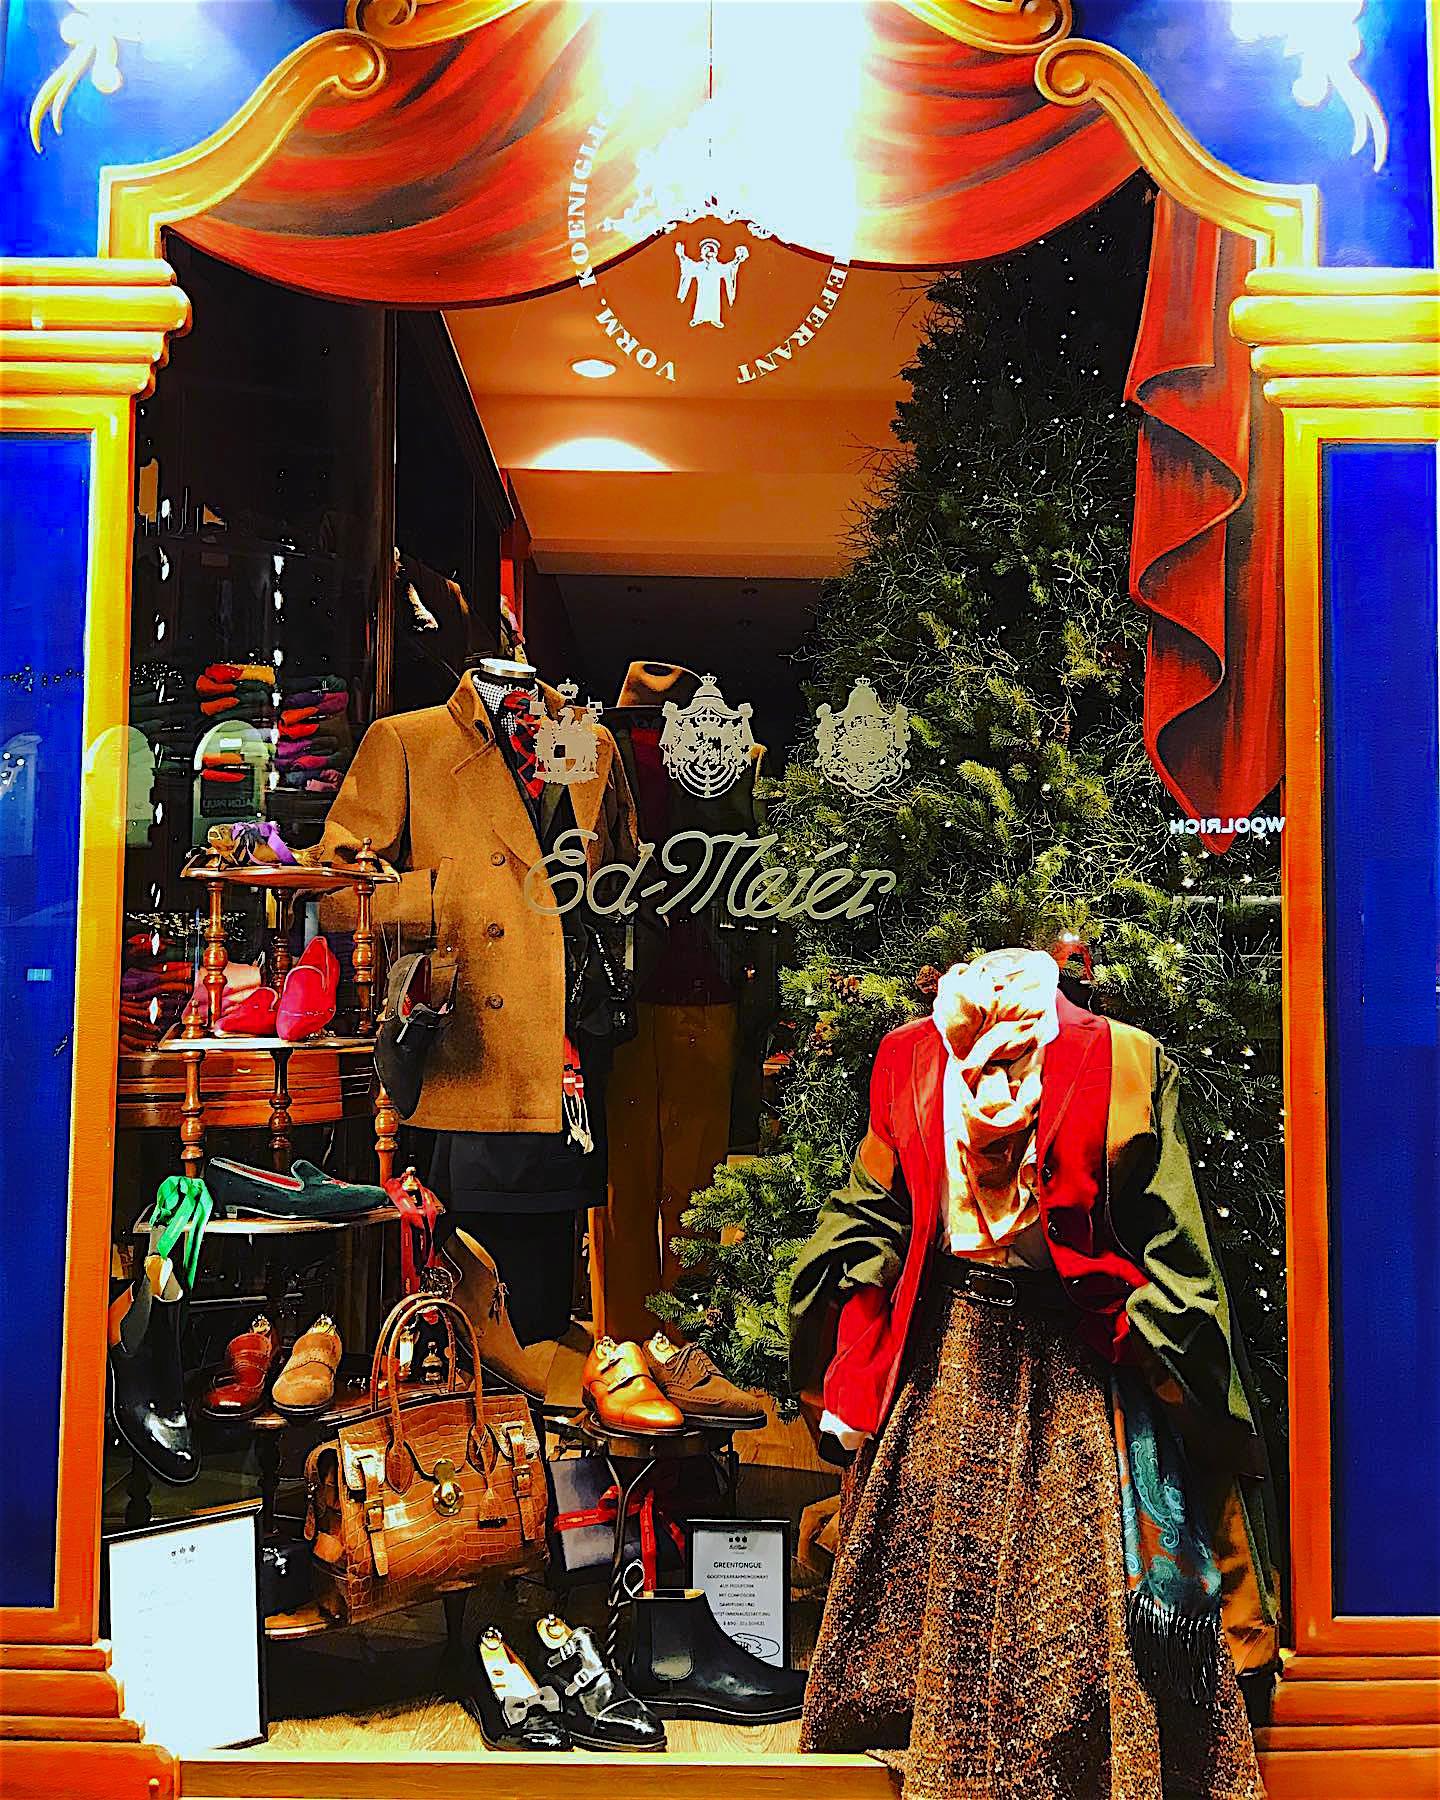 Vorweihnachtlich festliche Stimmung und die Perle in der Krone des Brienner Boulevard - Ed.Meier München - in der Adventszeit Montag bis Samstag von 10.00 bis 20.00 geöffnet